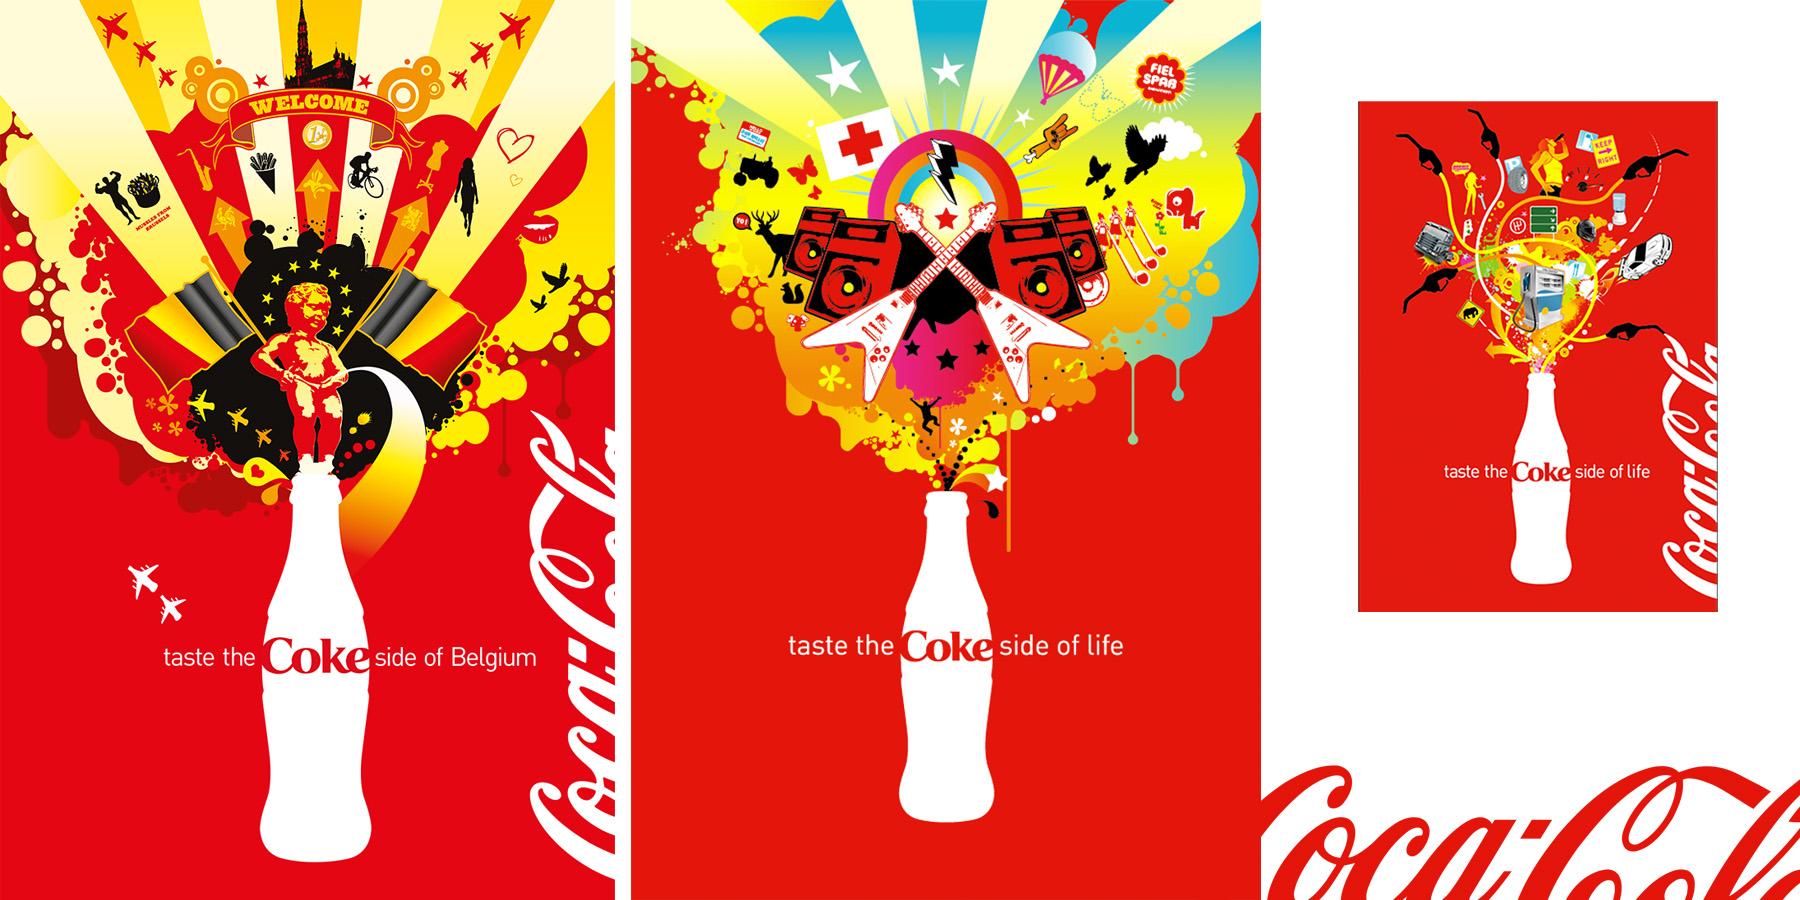 Coca-Cola Festival & Belgium promo designs